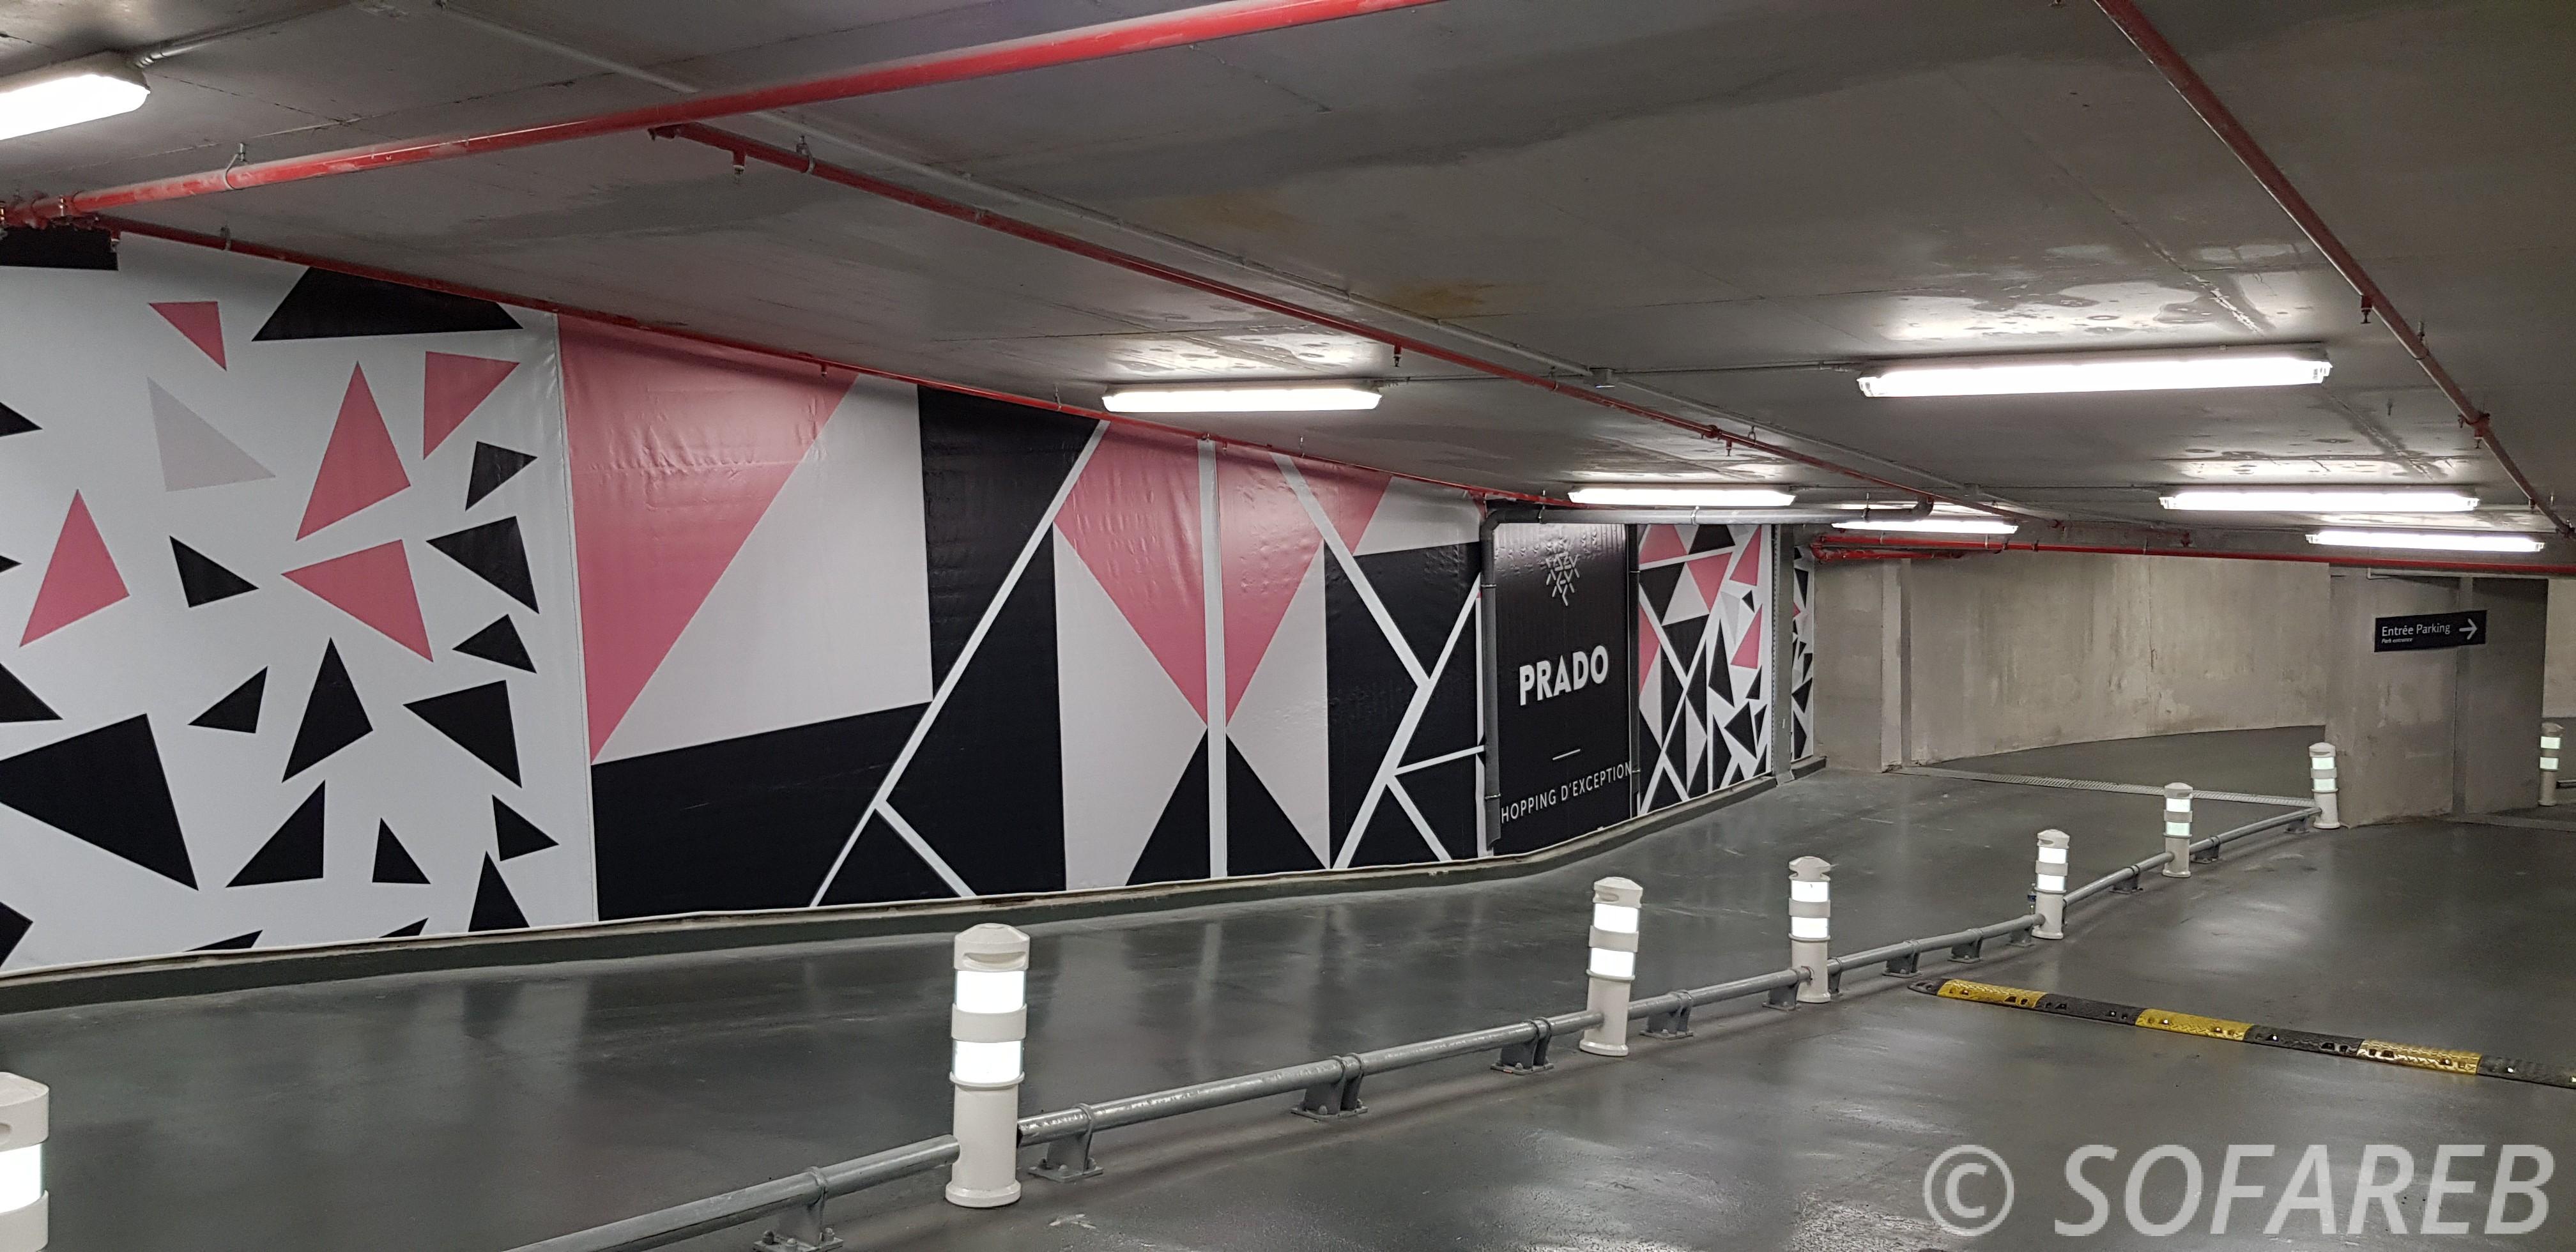 Façade-textile-parking-souterrain-prado